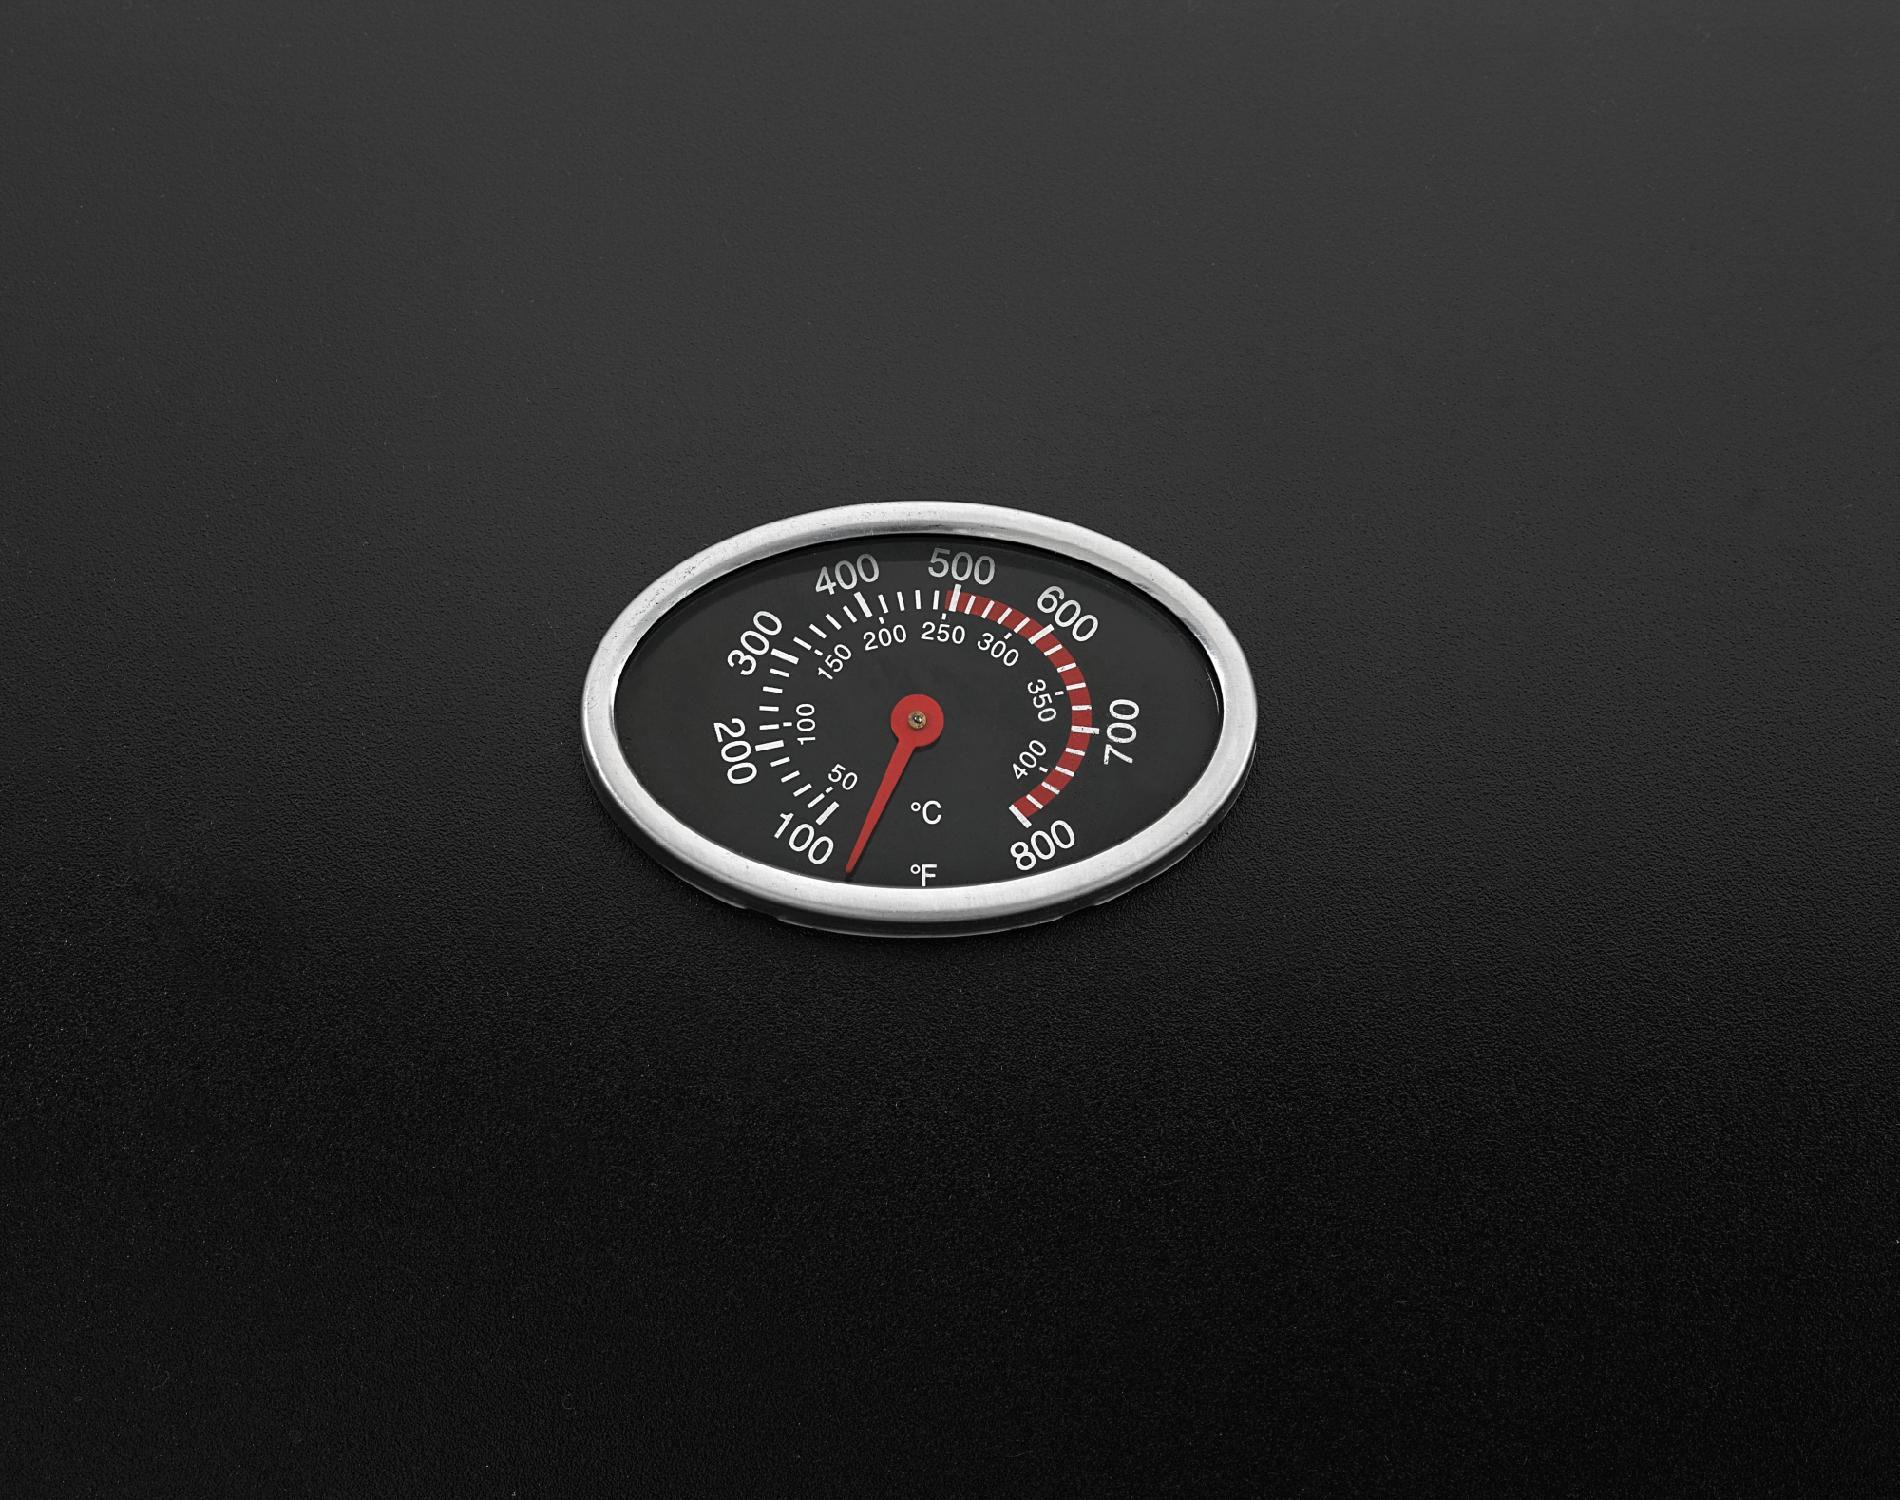 BBQ Pro 4 Burner Gas Grill